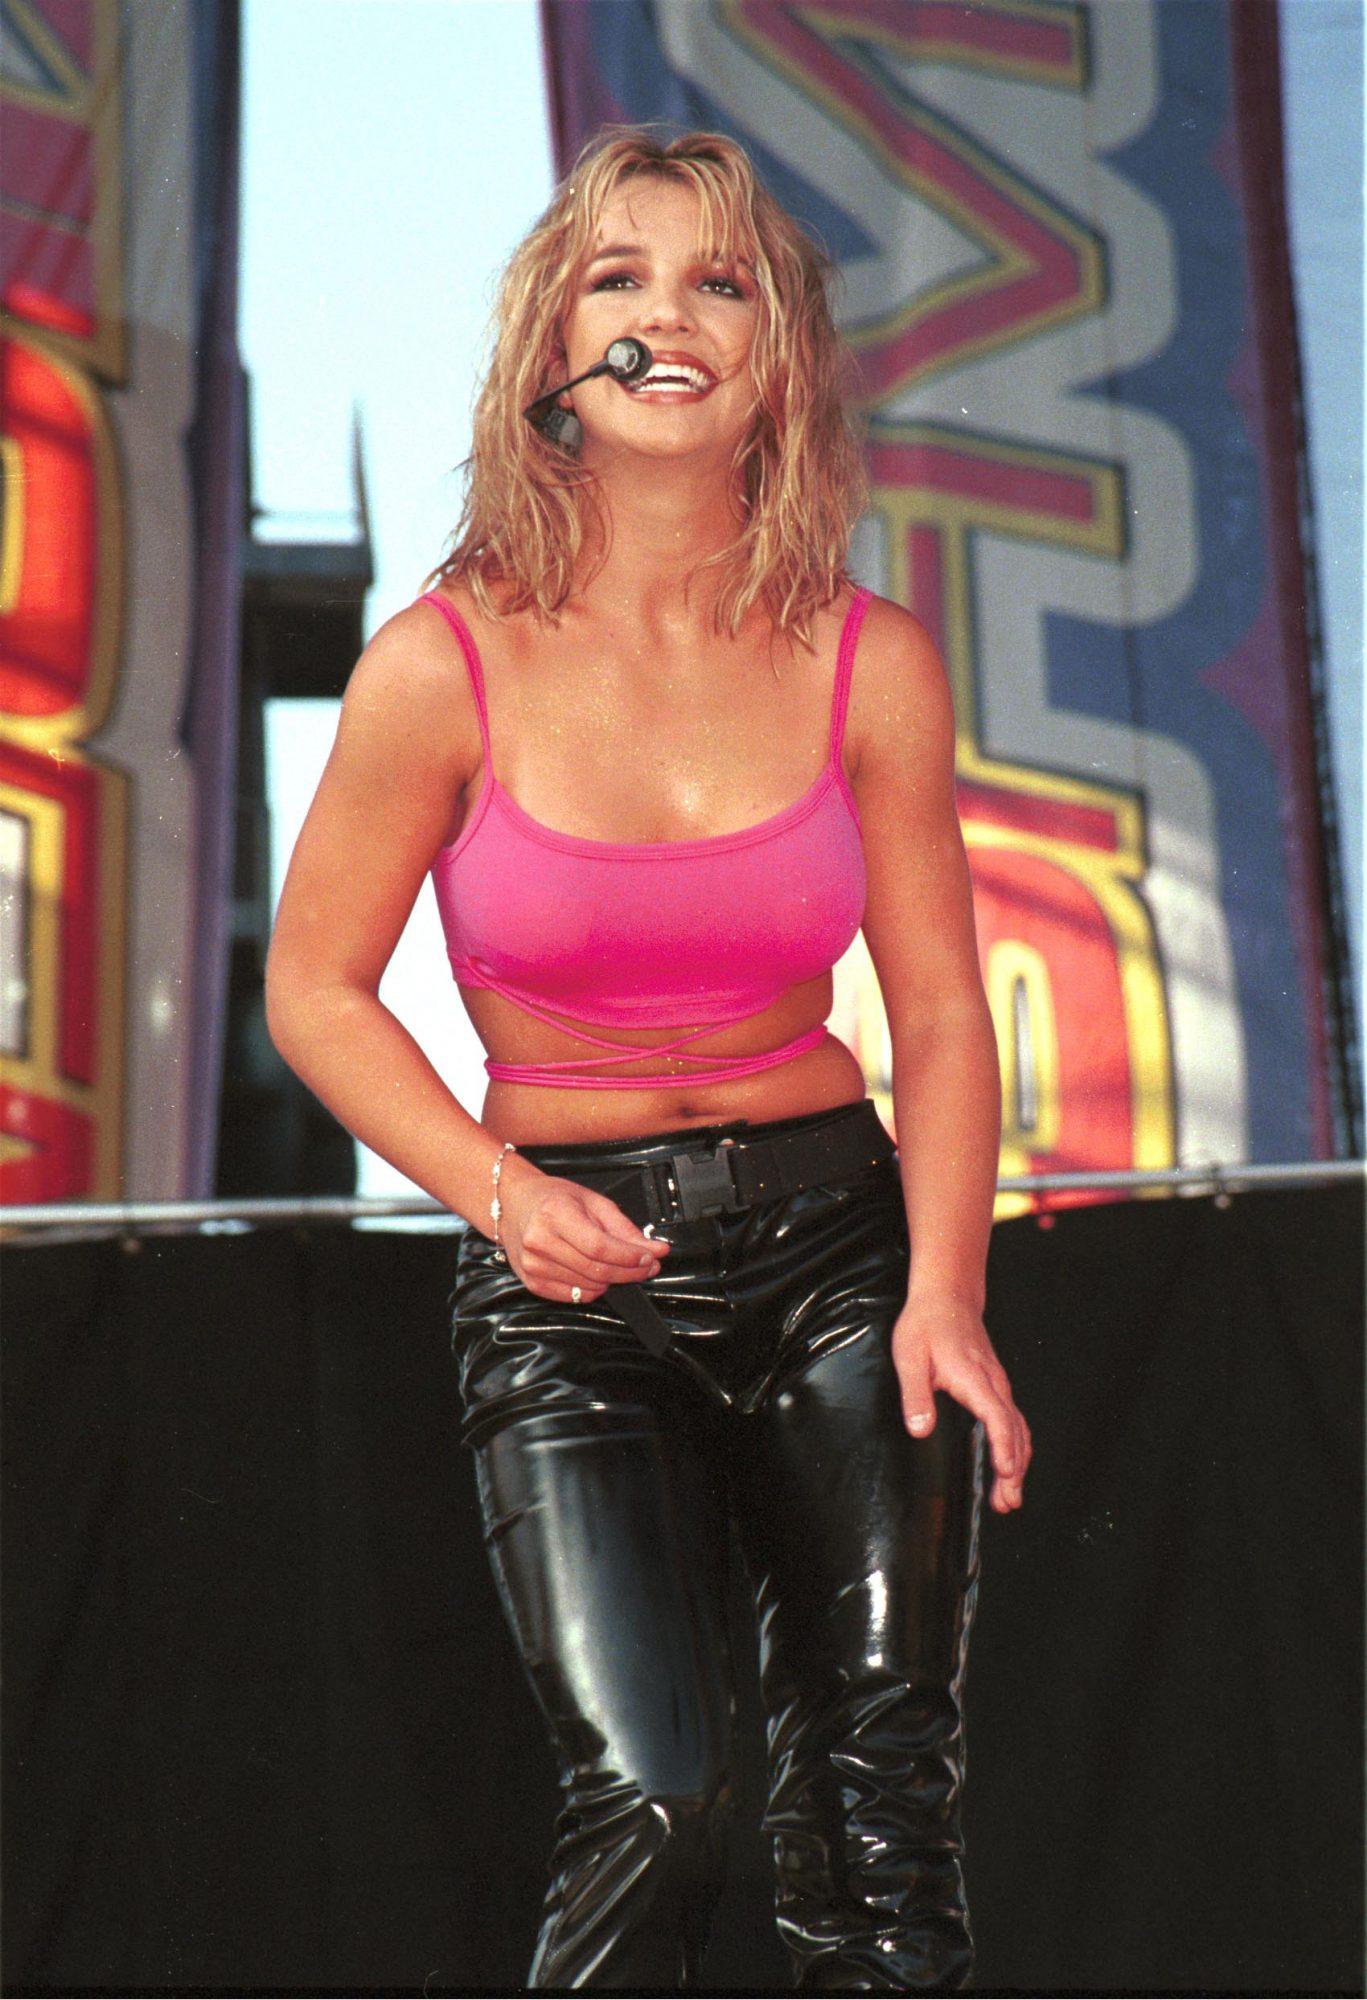 BritneySpearsWangoTango.jpg